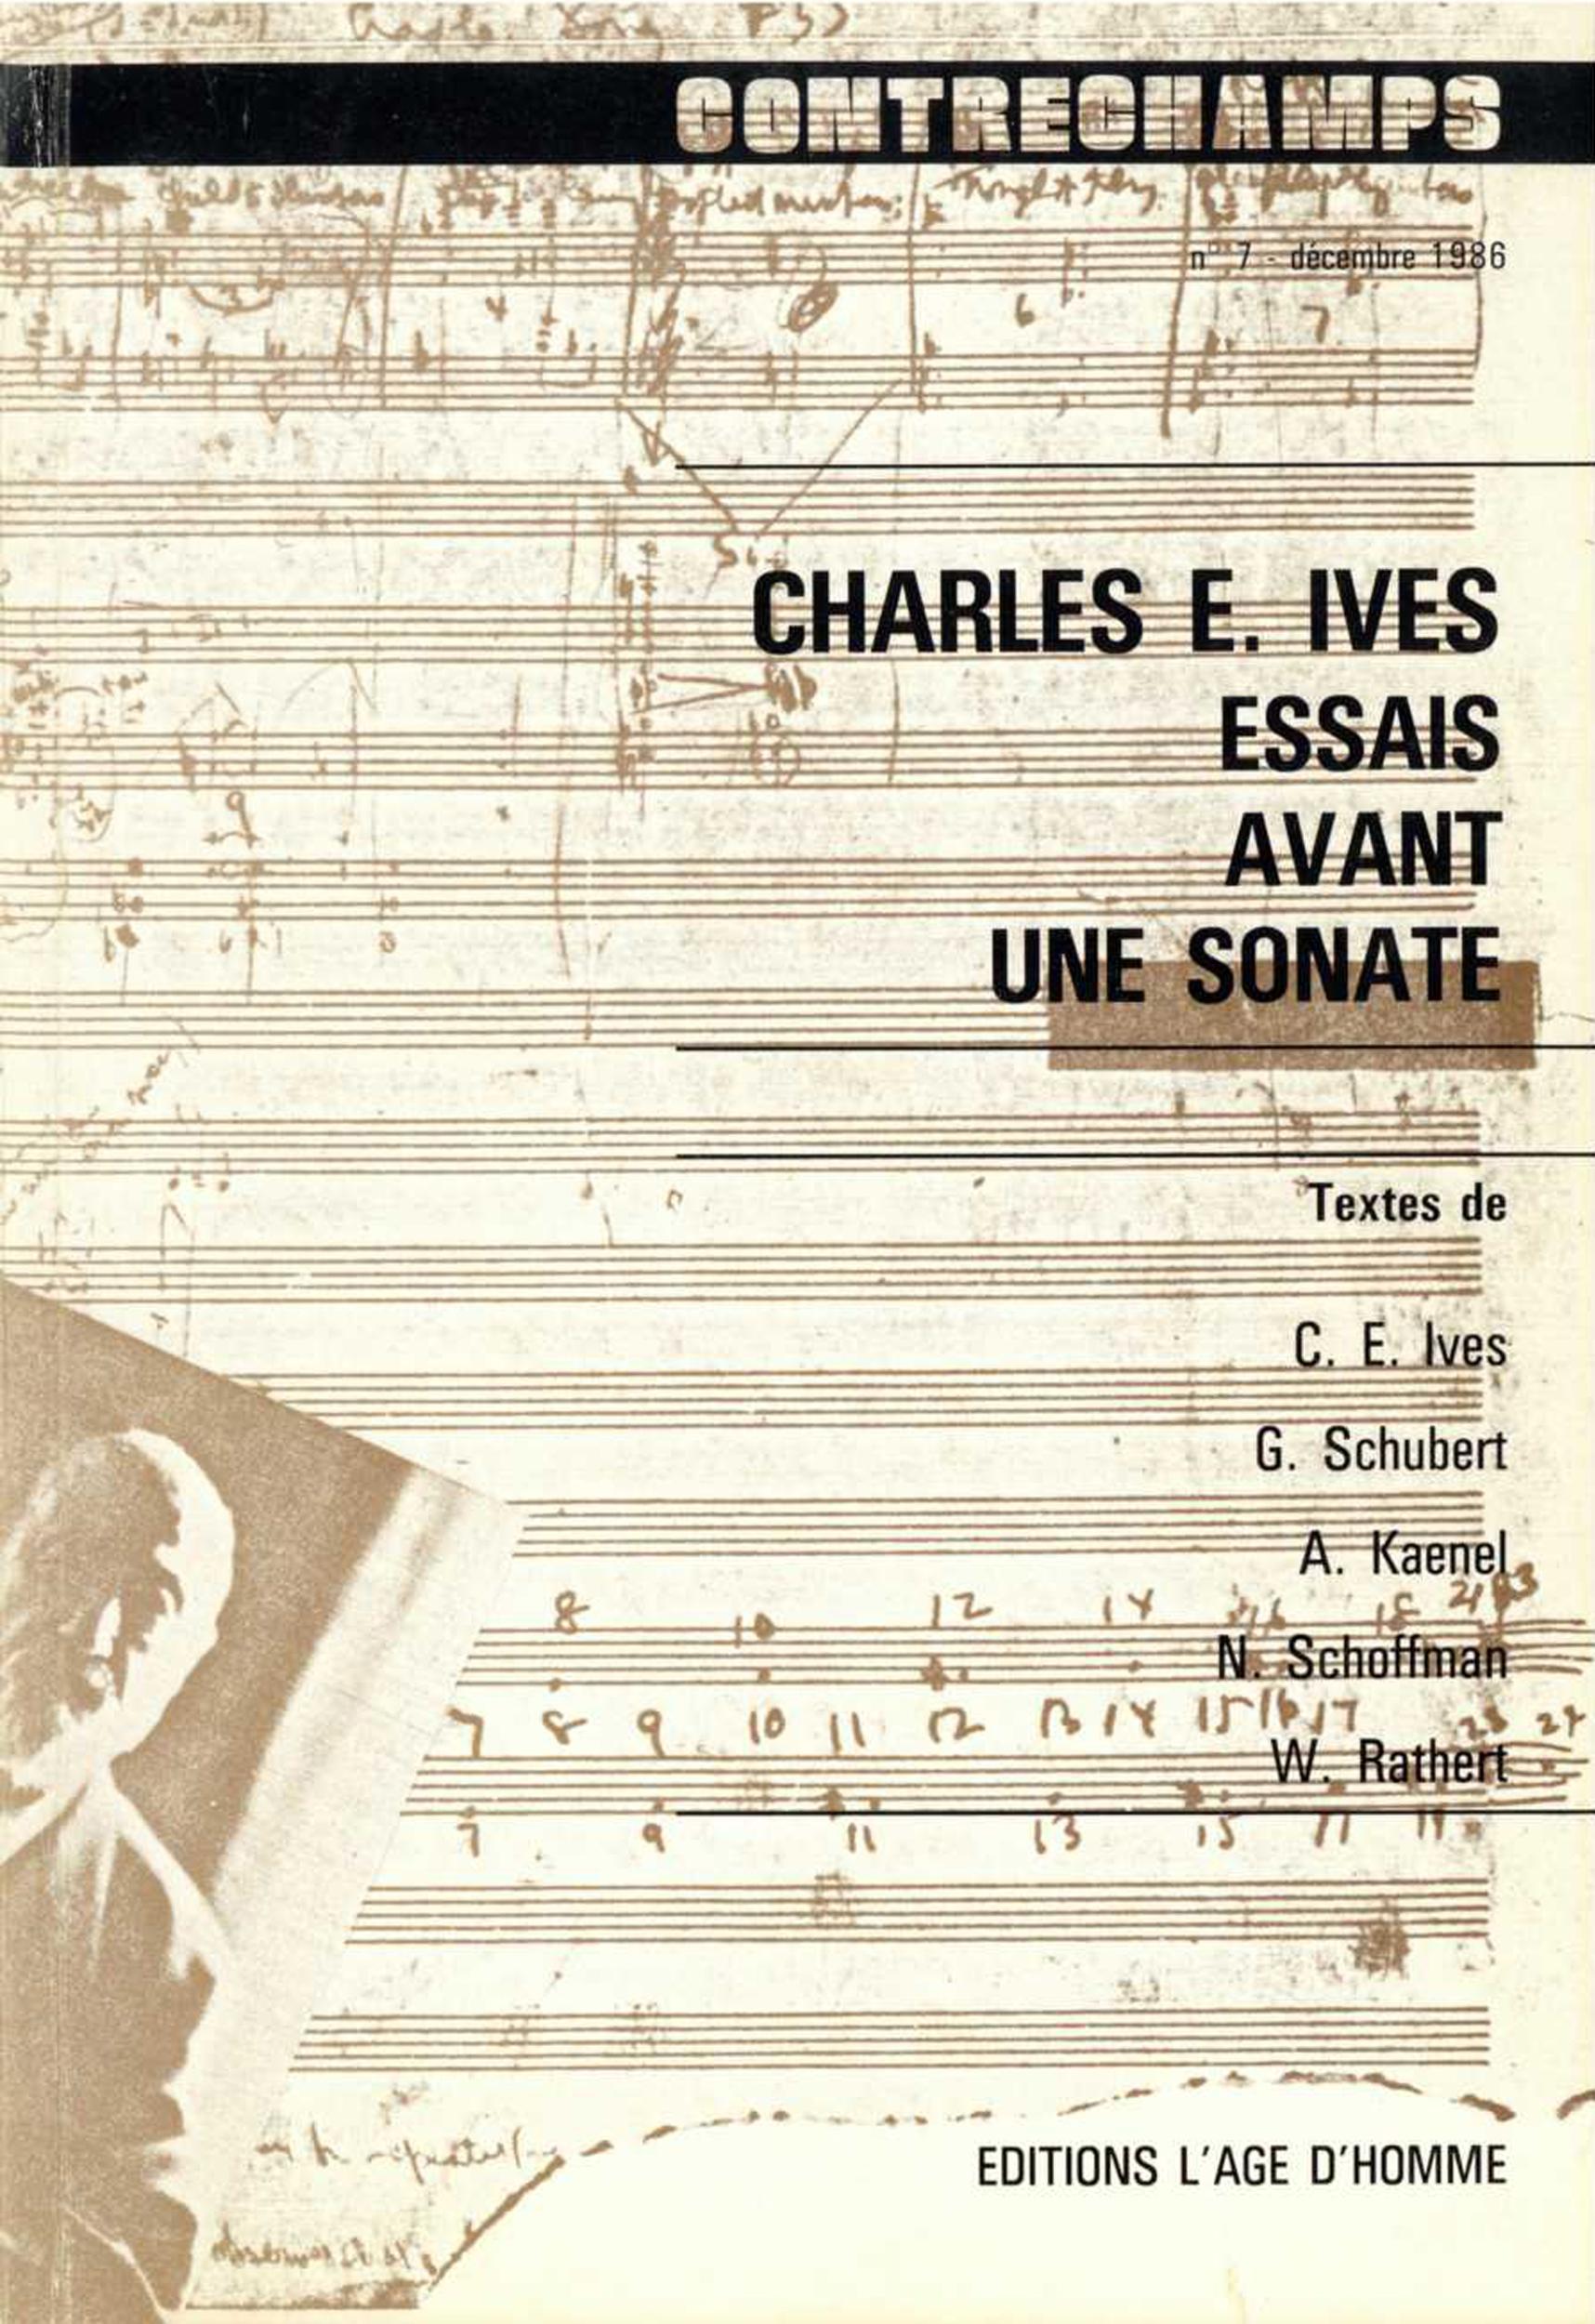 Charles E. Ives. Essais avant une sonate Essais avant un